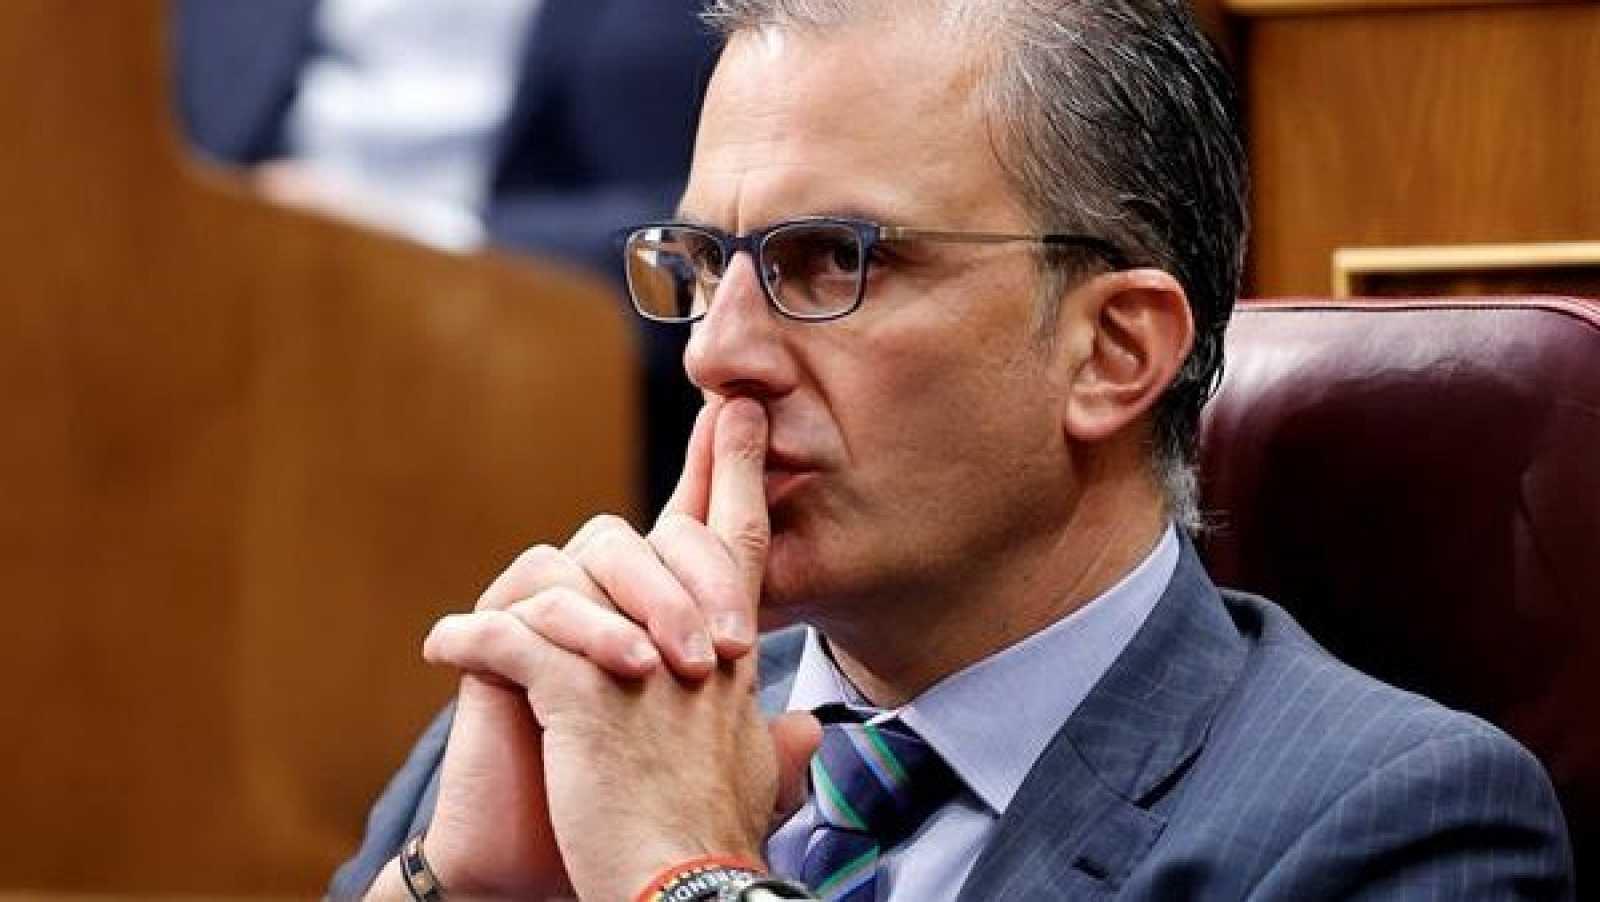 El diputado de Vox, Javier Ortega Smith, en el Congreso de los Diputados